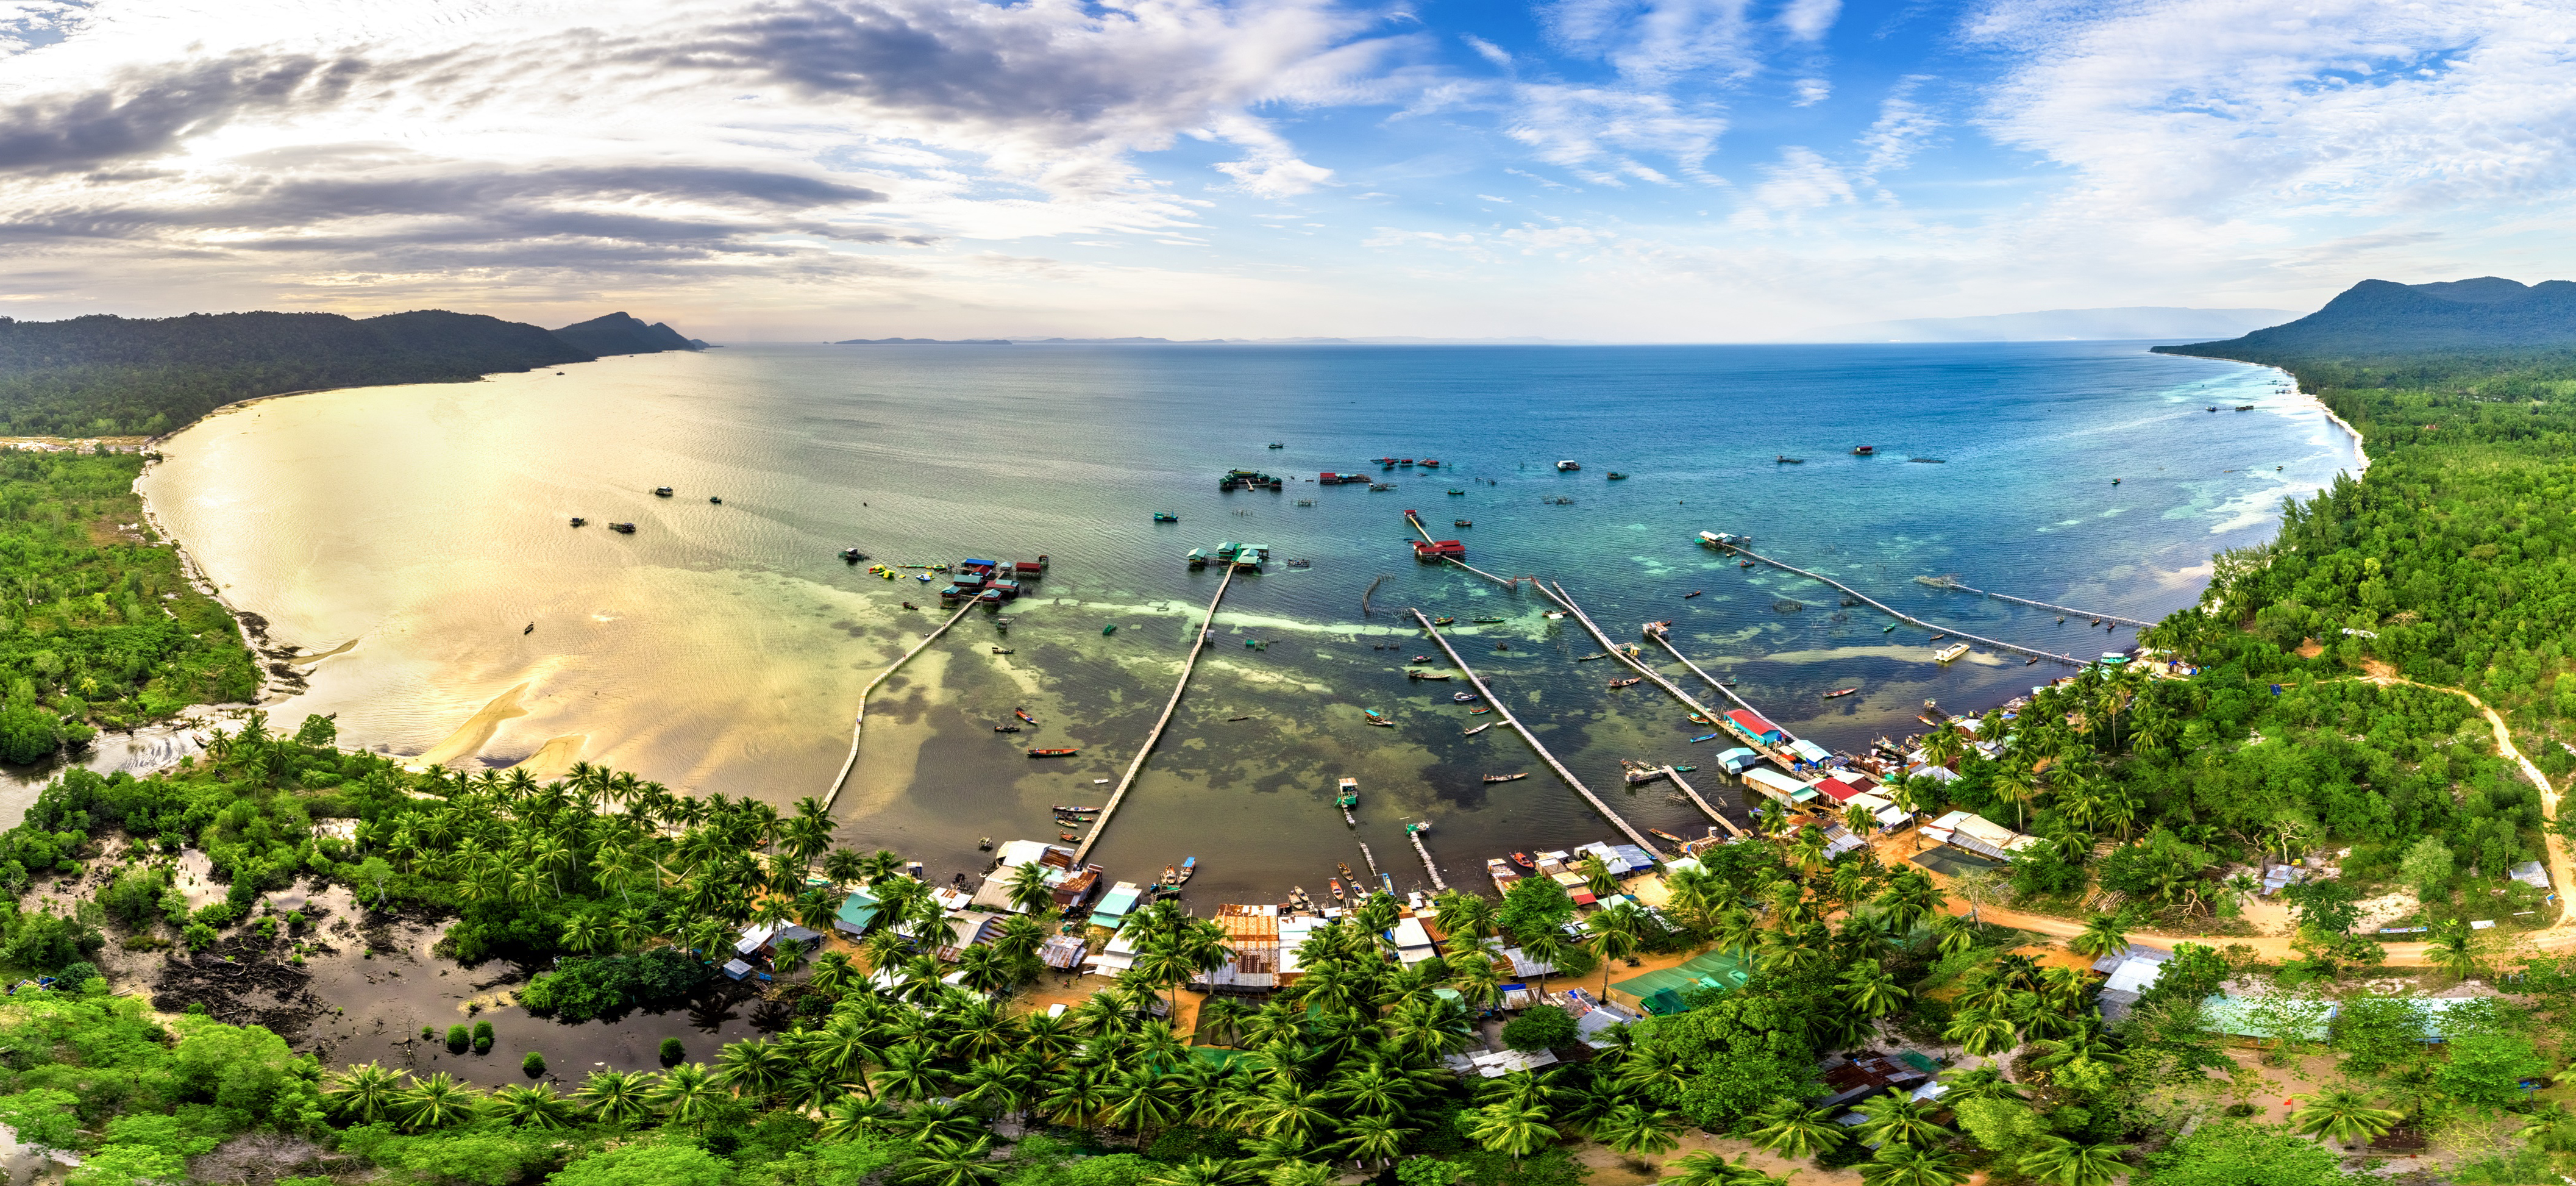 Expérience touristique à Phu Quoc, plus grande île du Vietnam